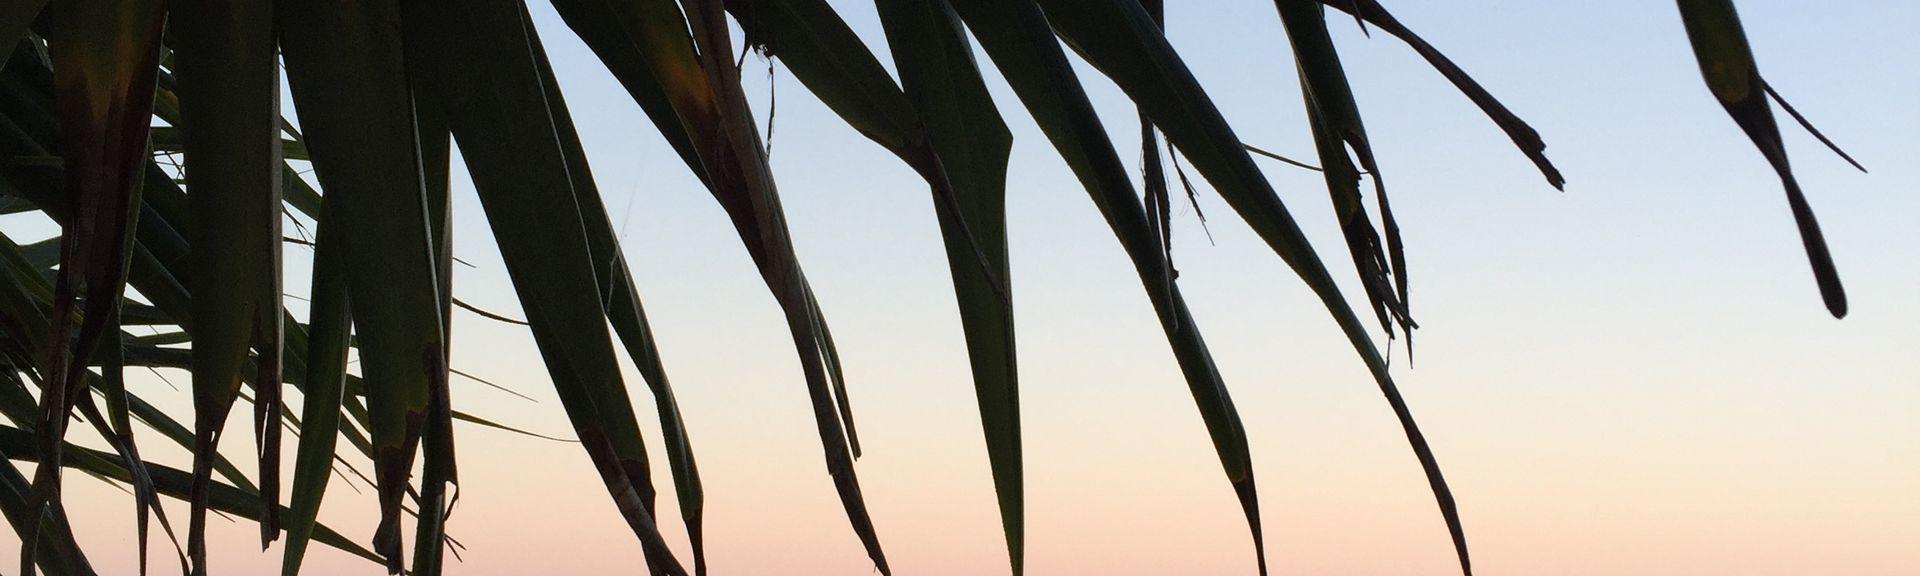 Dunoon, Nueva Gales del Sur, Australia